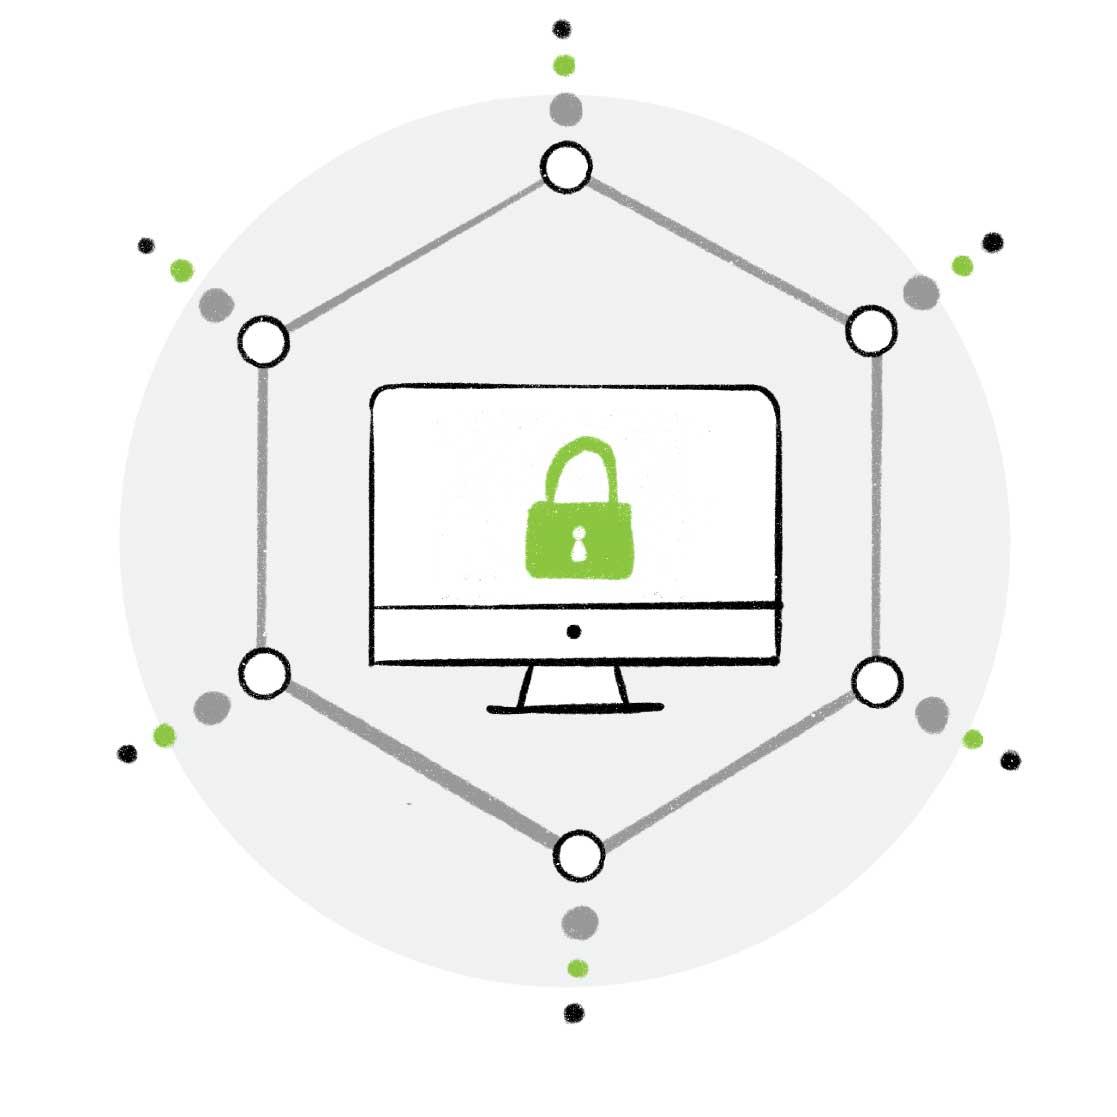 Penetration Test & Vulnerability Assessment